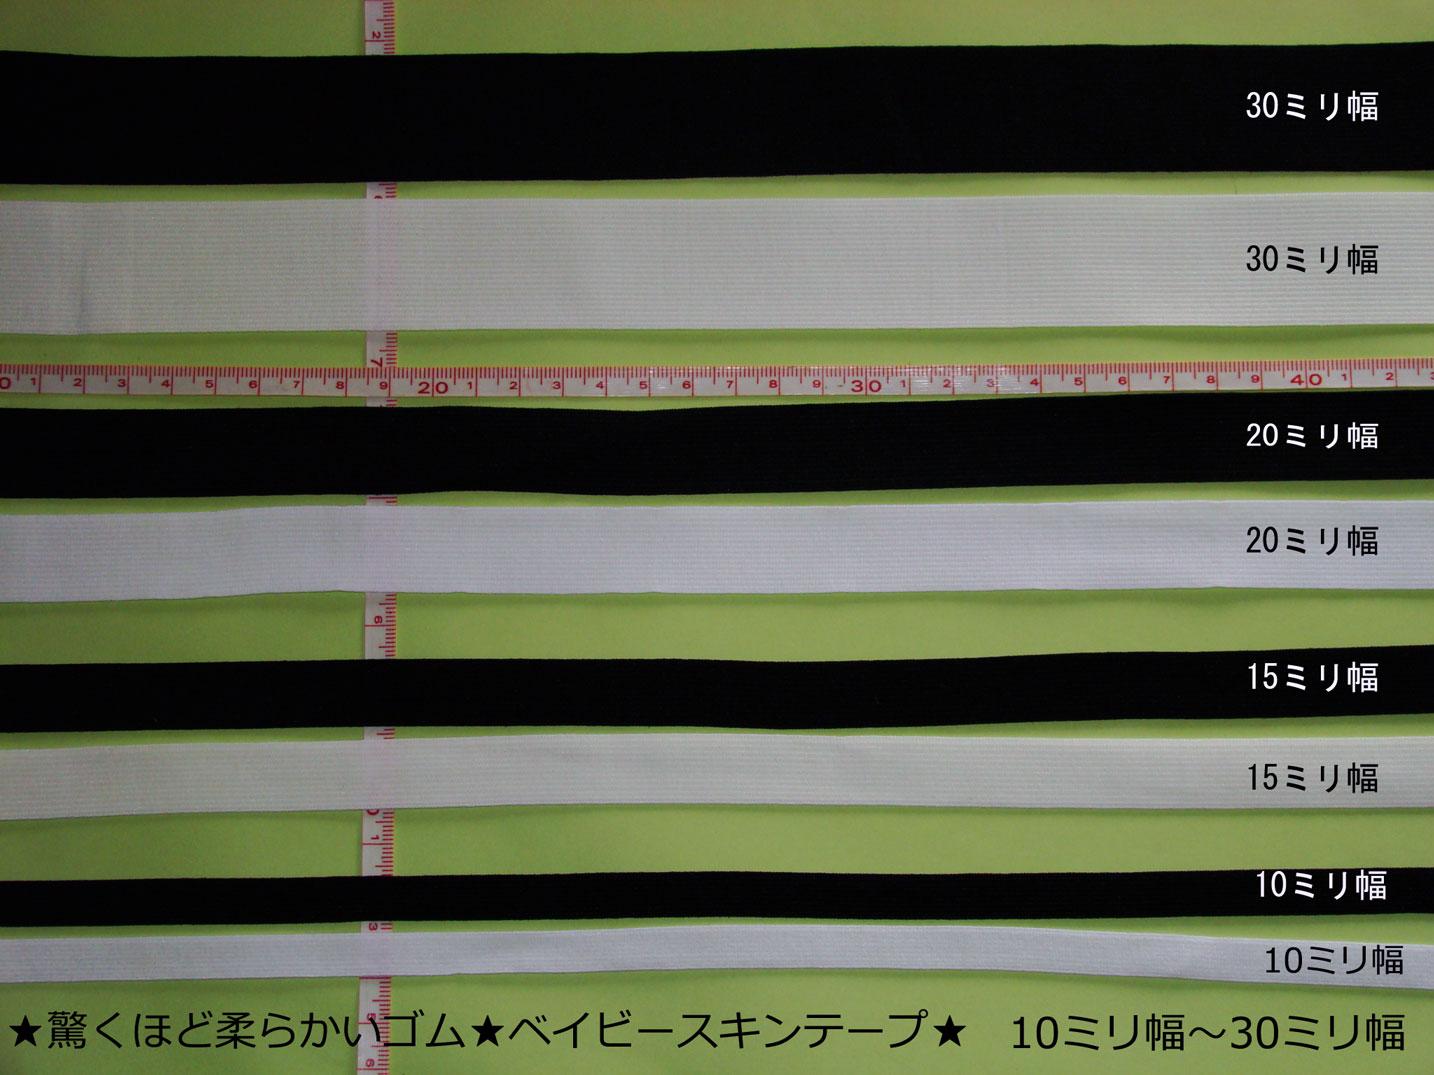 画像1: ★驚くほど柔らかい広幅ゴム★ベイビースキンテープ★ (1)